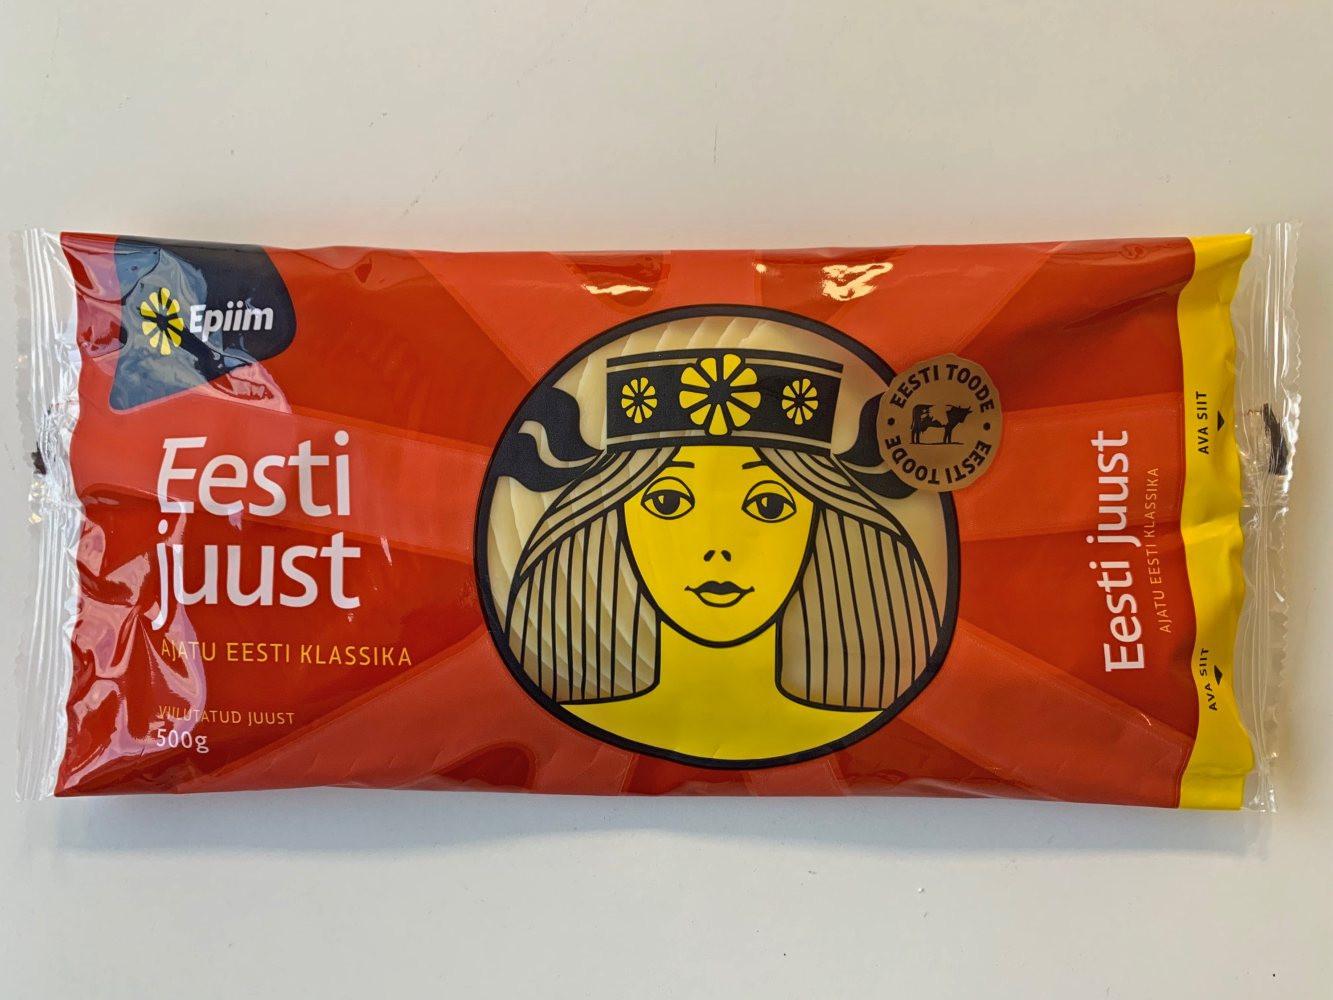 Eesti juust, viil 500 g E-piim